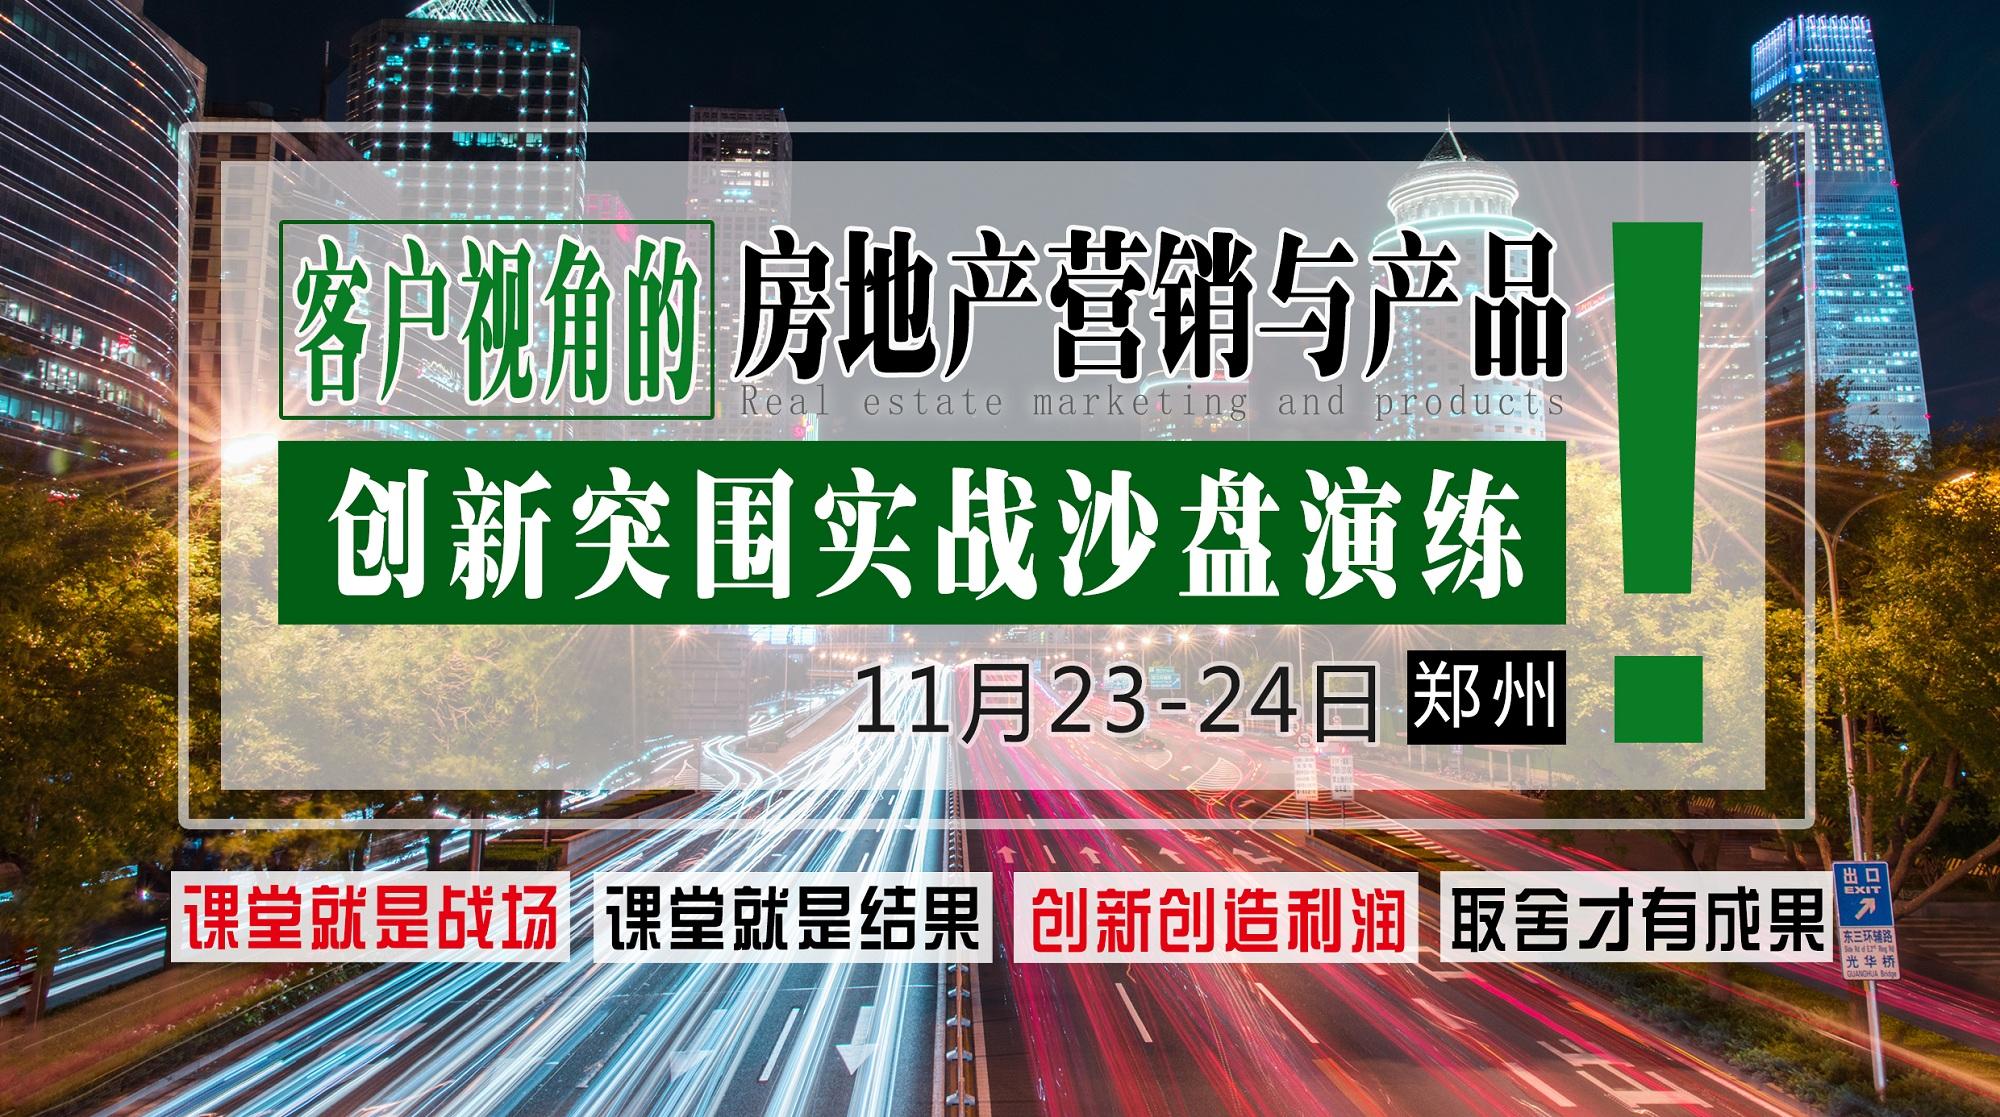 11月23-24日【郑州】《客户视角的房地产营销与产品创新突围实战沙盘演练》